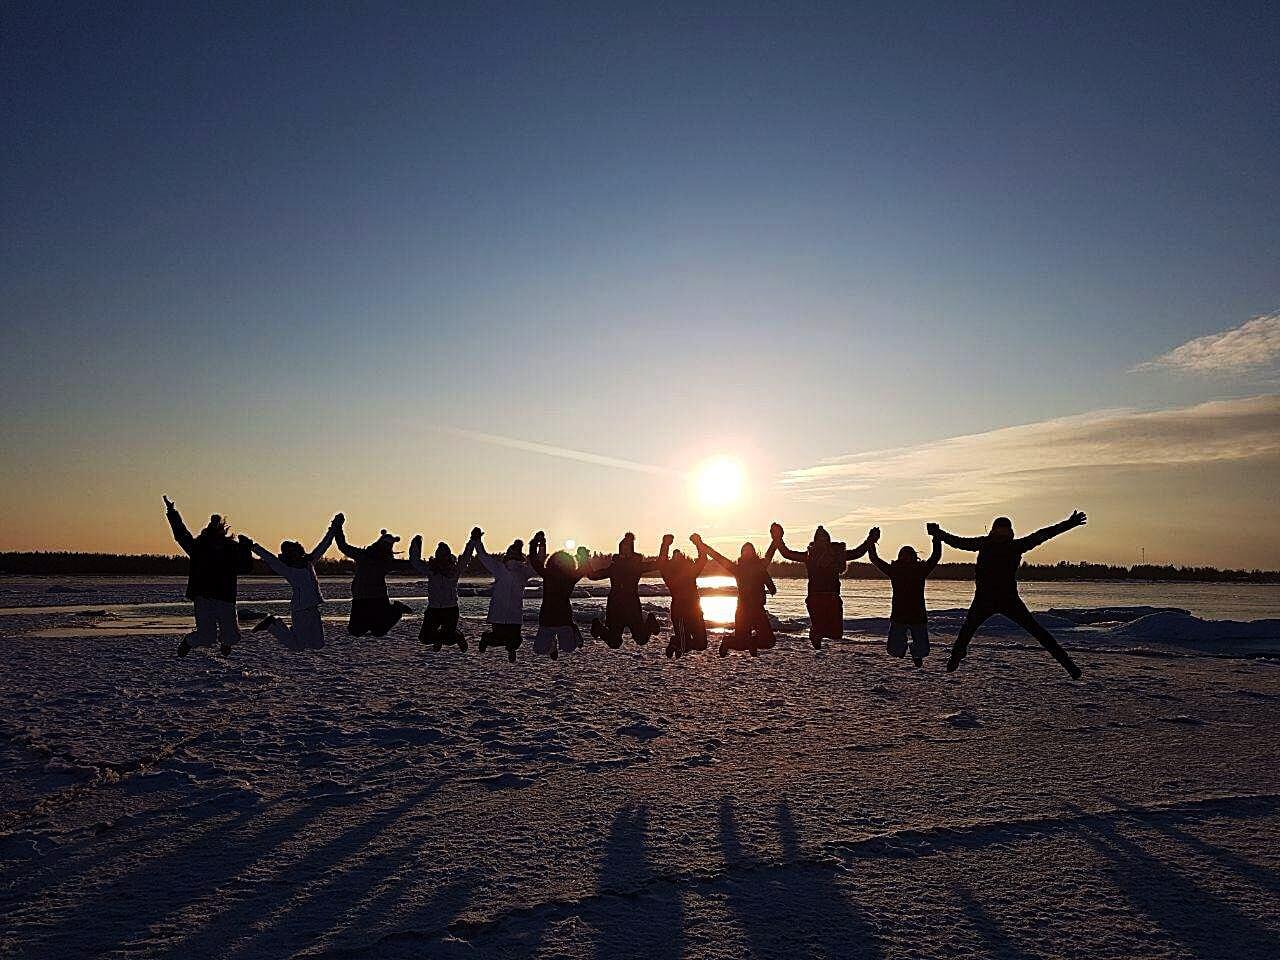 Ovo nije random fotka s neta, nego zagrebački gimnazijalci negdje daleko na terenskoj nastavi u Finskoj